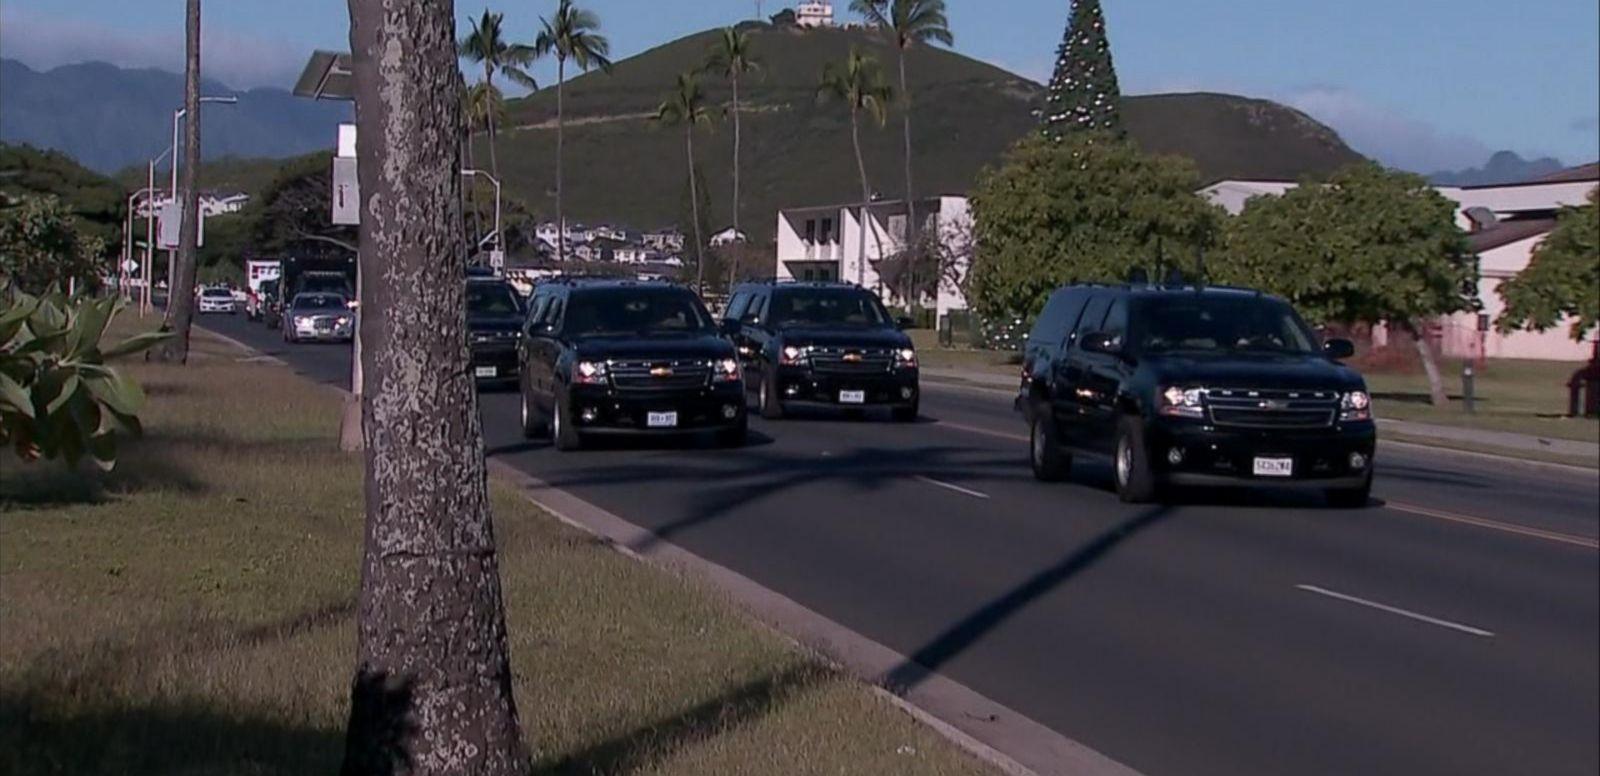 VIDEO: Untrained Volunteers Allegedly Used in Presidential Motorcade